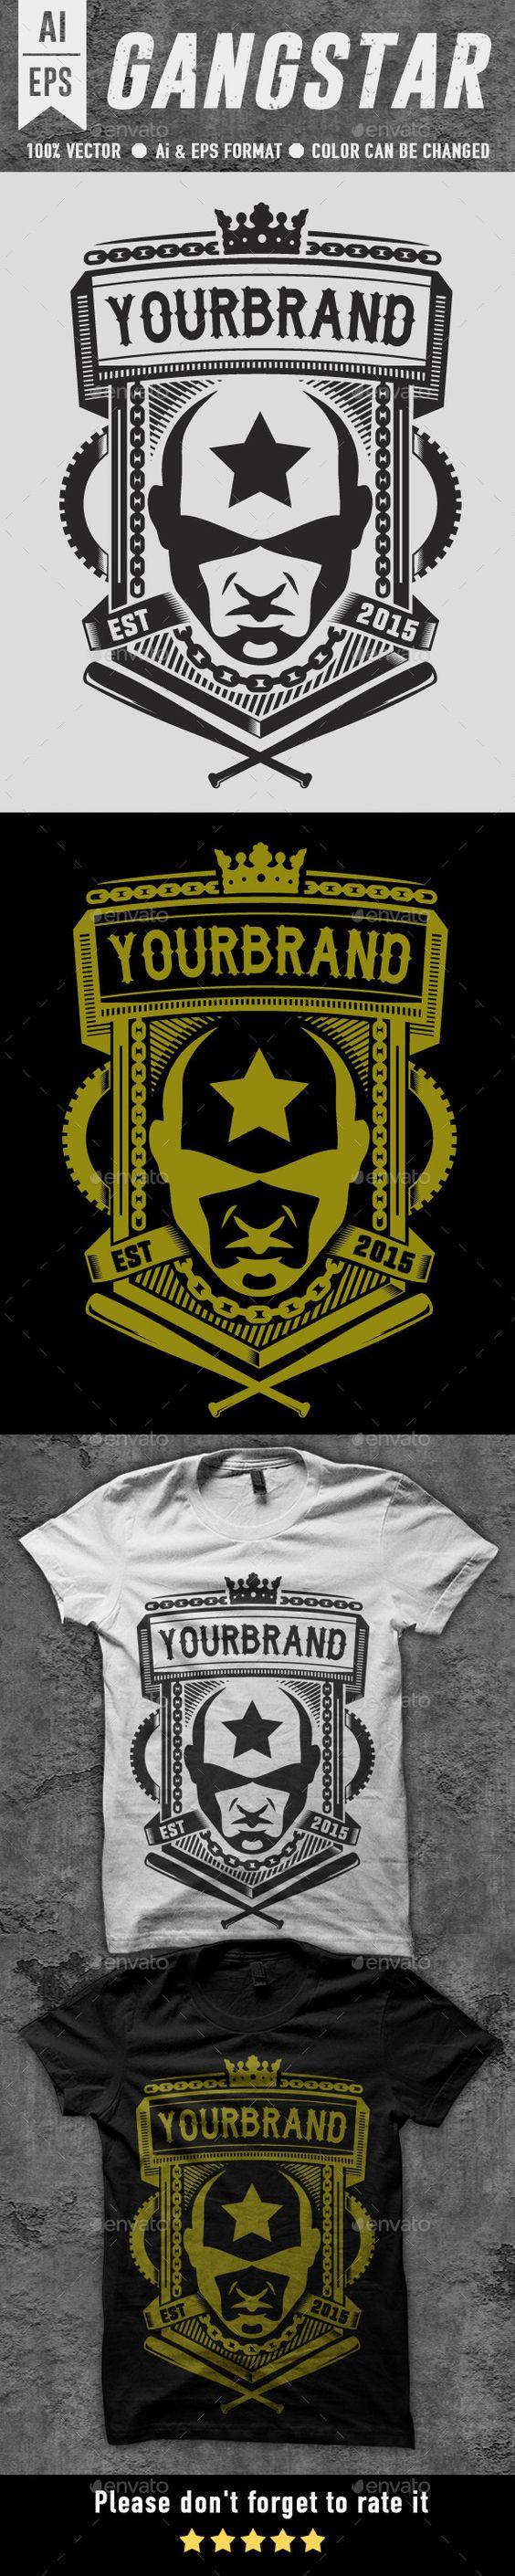 T shirt design download - Gangstar T Shirt Design Template Download Http Graphicriver Net